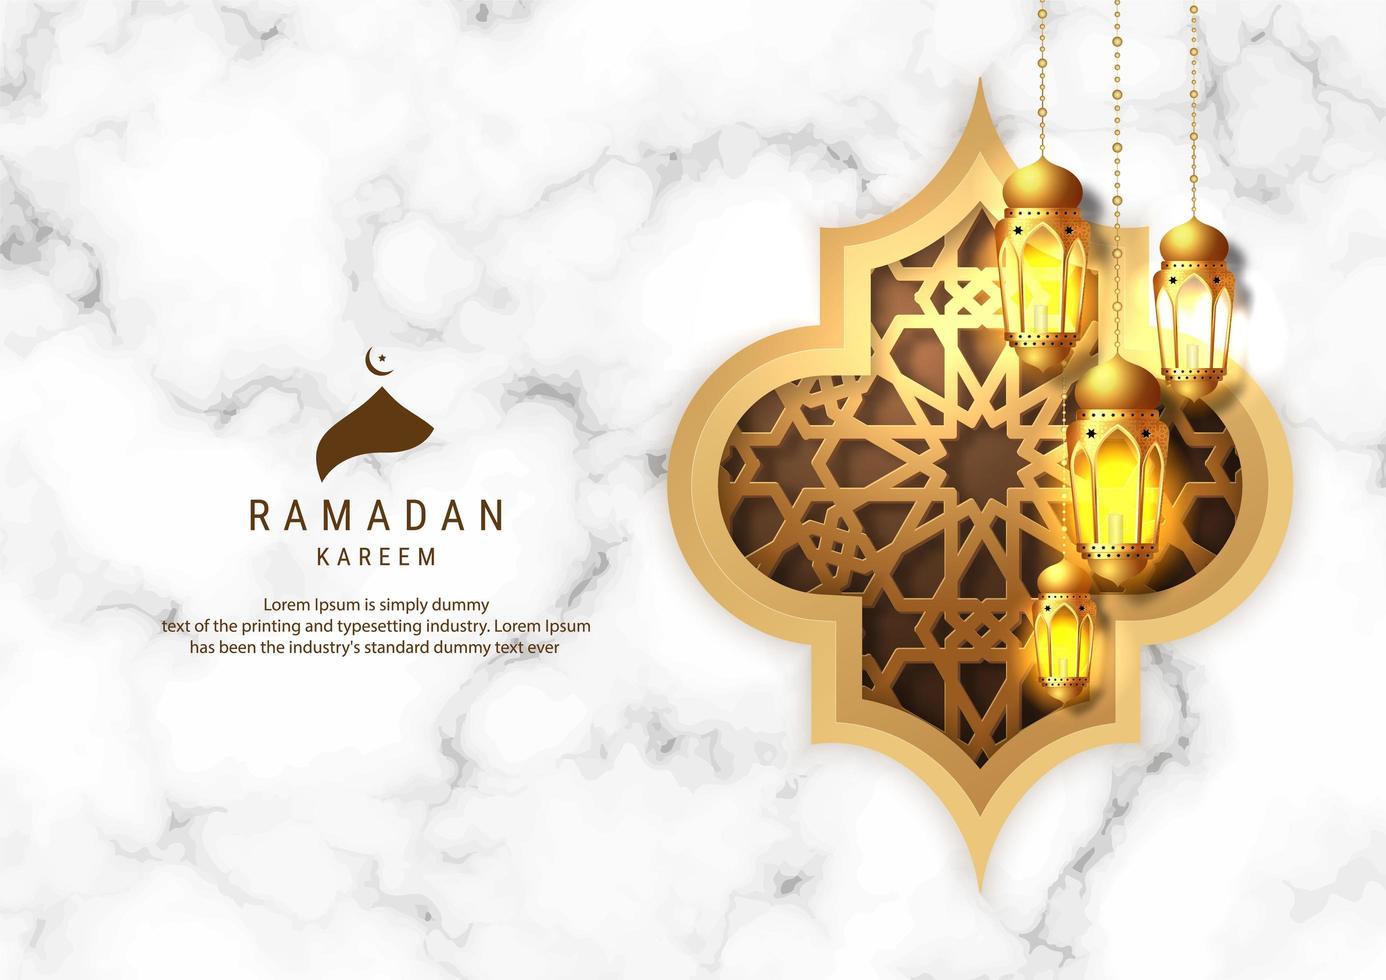 Ramadan Kareem Laternen auf weißem Marmor Hintergrund vektor